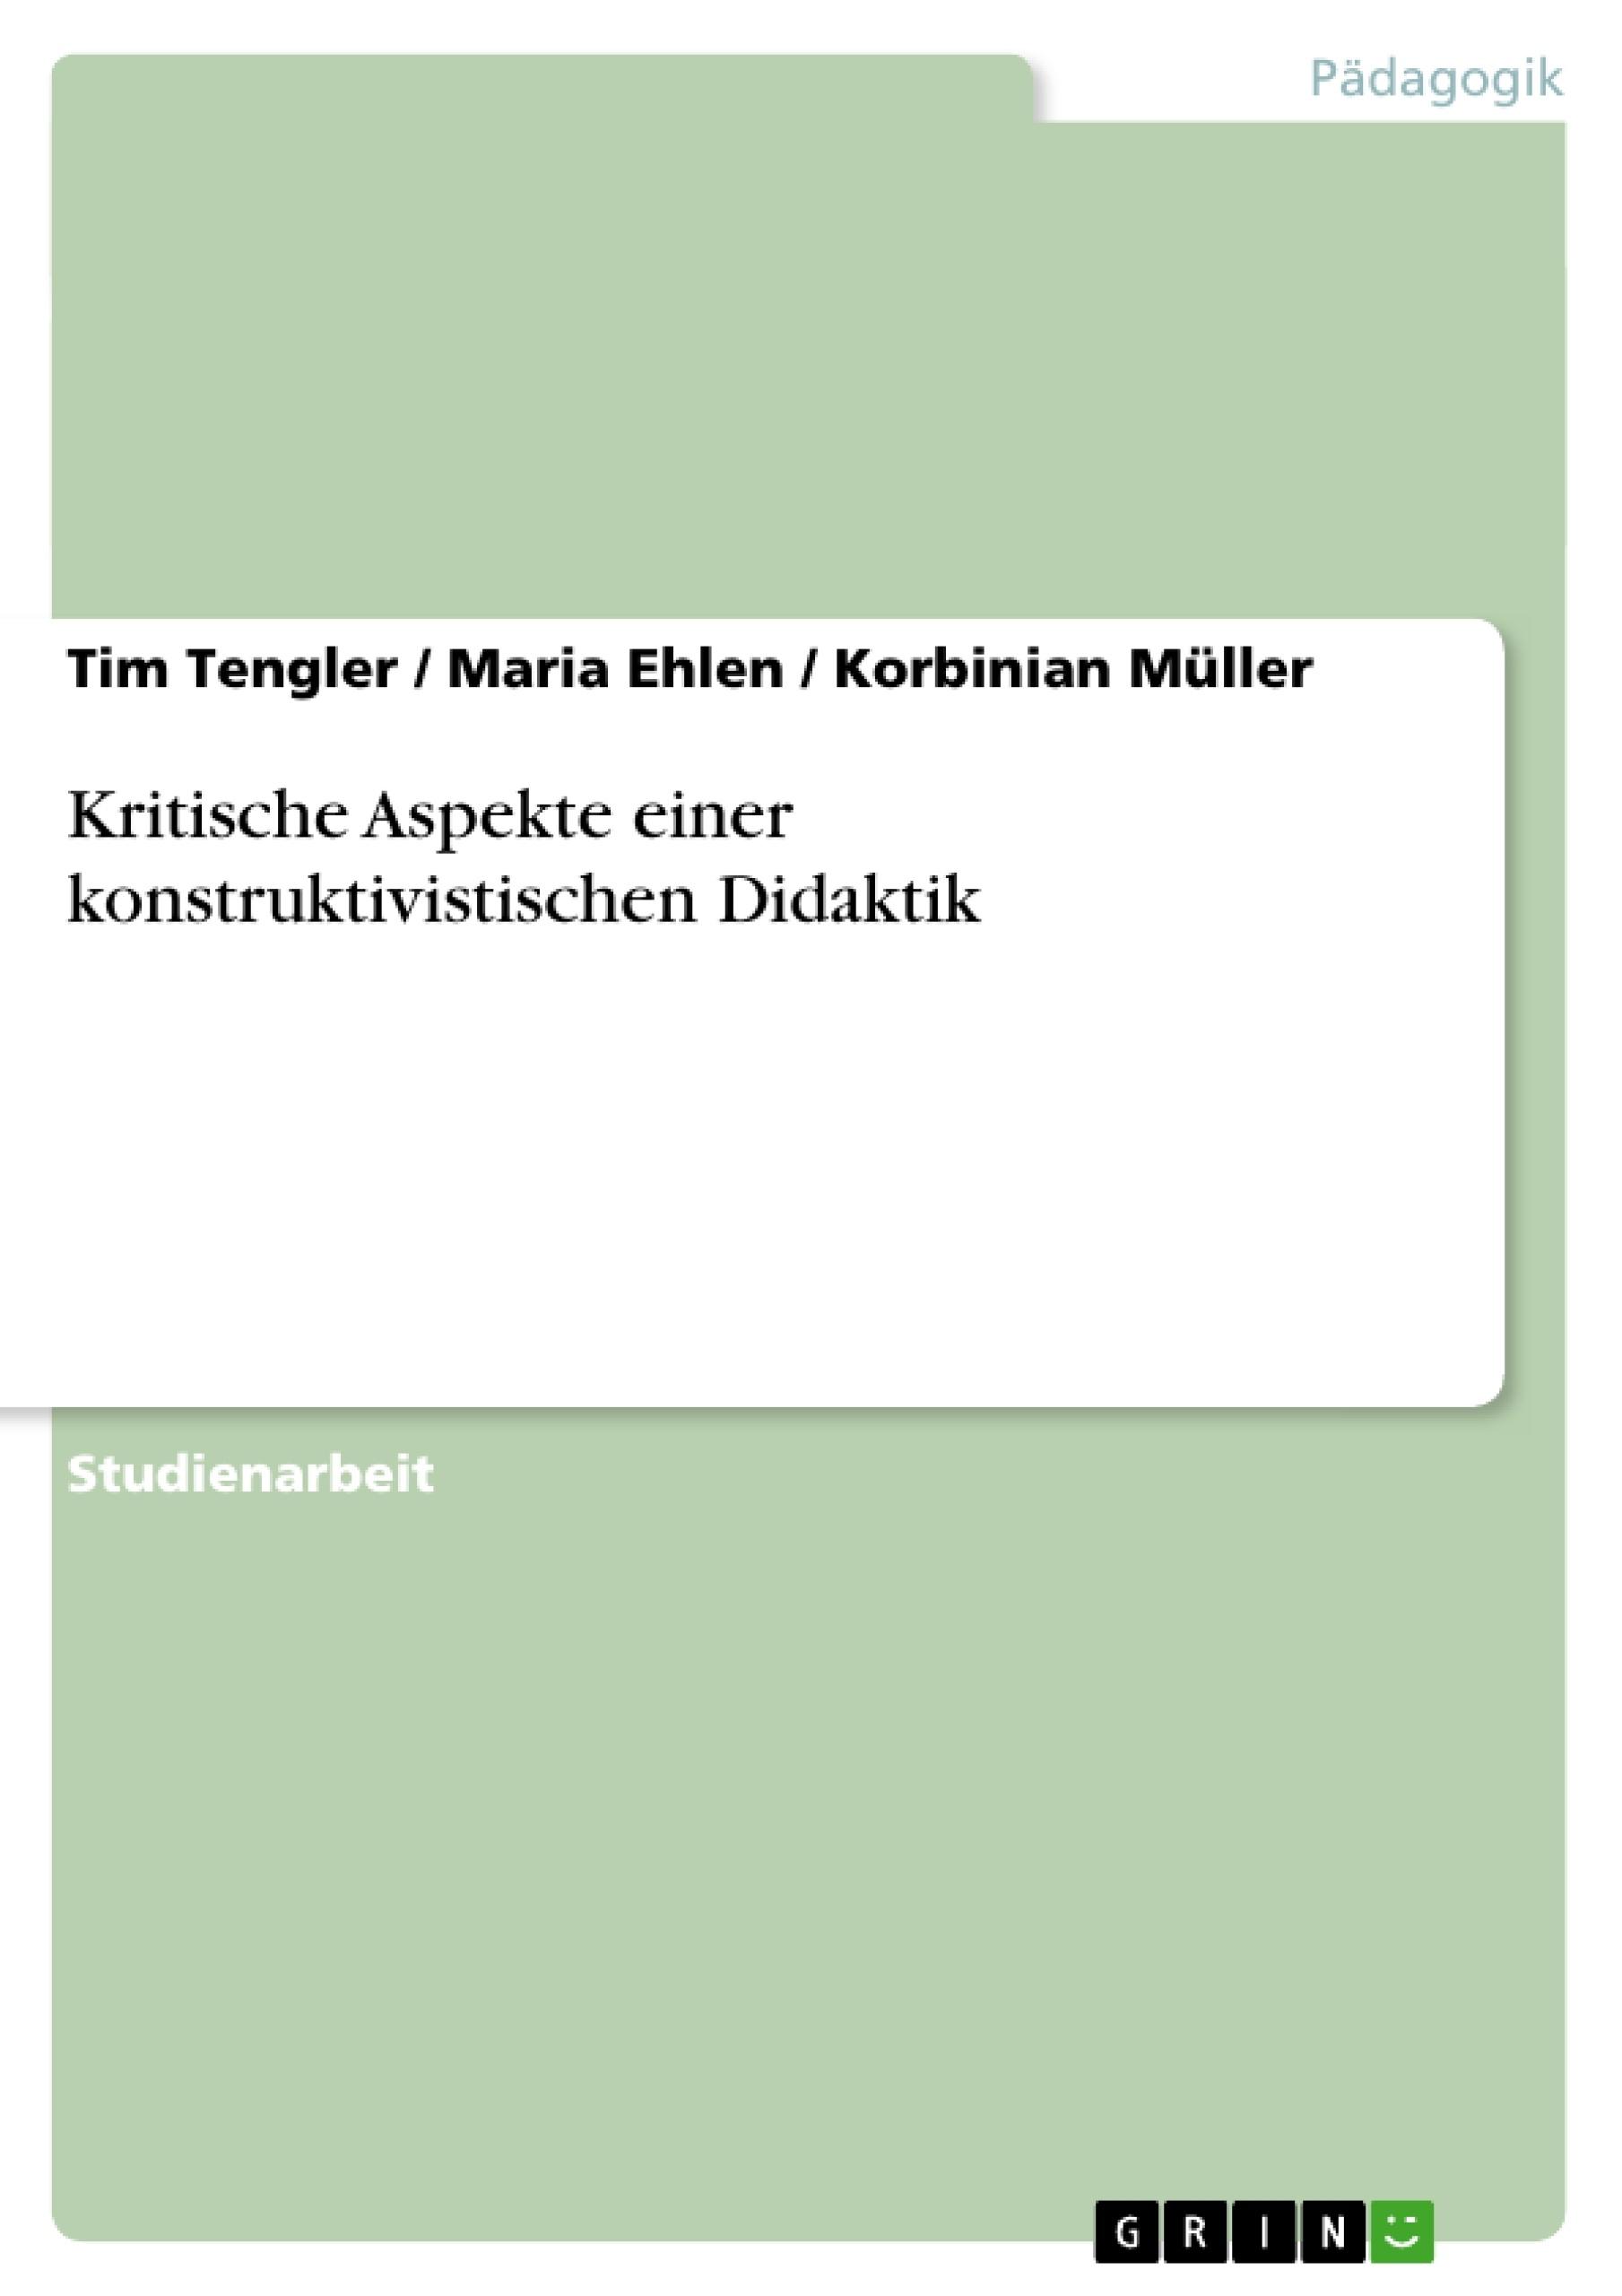 Titel: Kritische Aspekte einer konstruktivistischen Didaktik